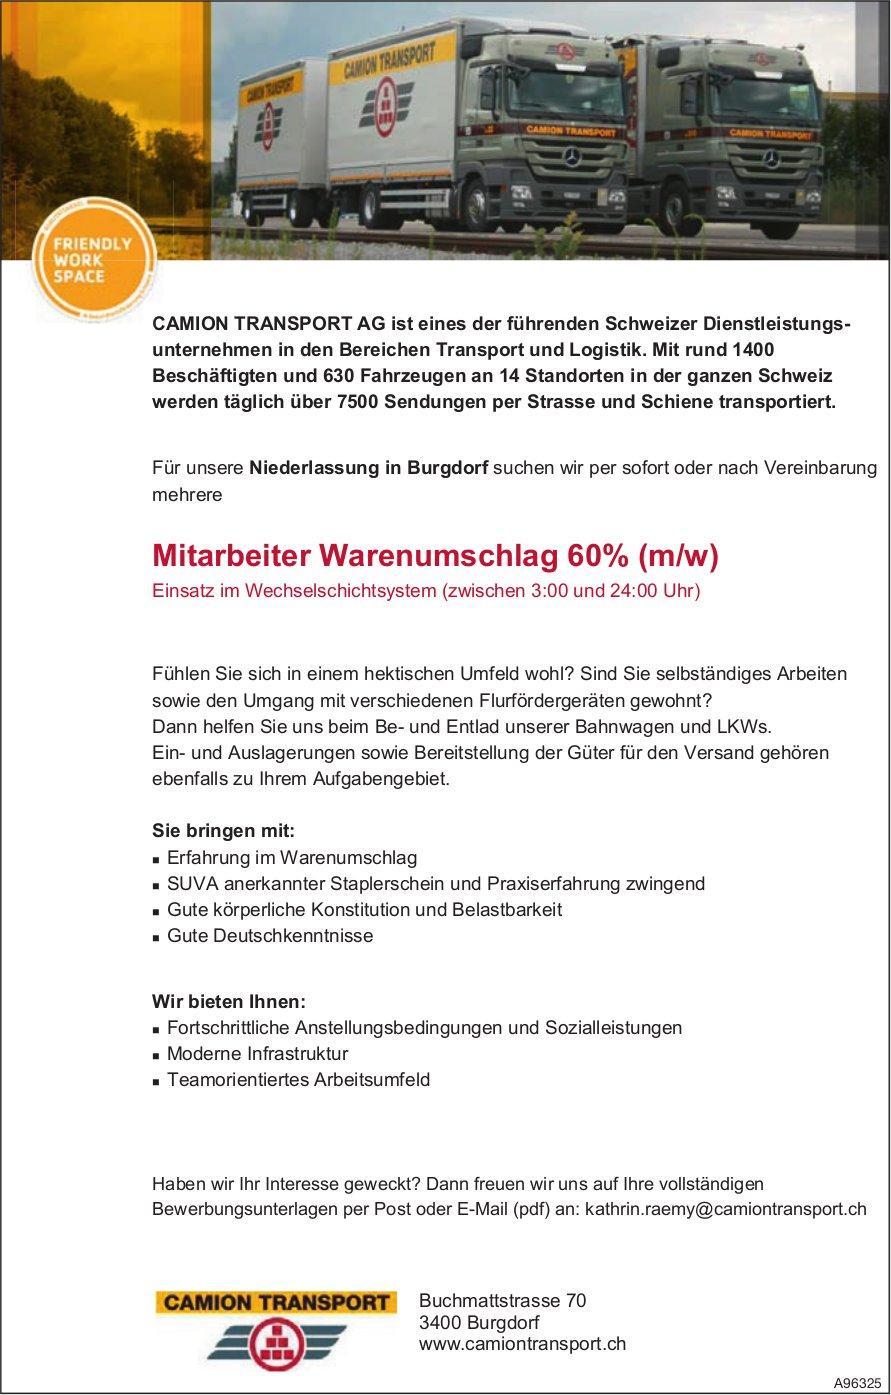 Mitarbeiter Warenumschlag 60% (m/w), Camion Transport AG, Burgdorf, gesucht